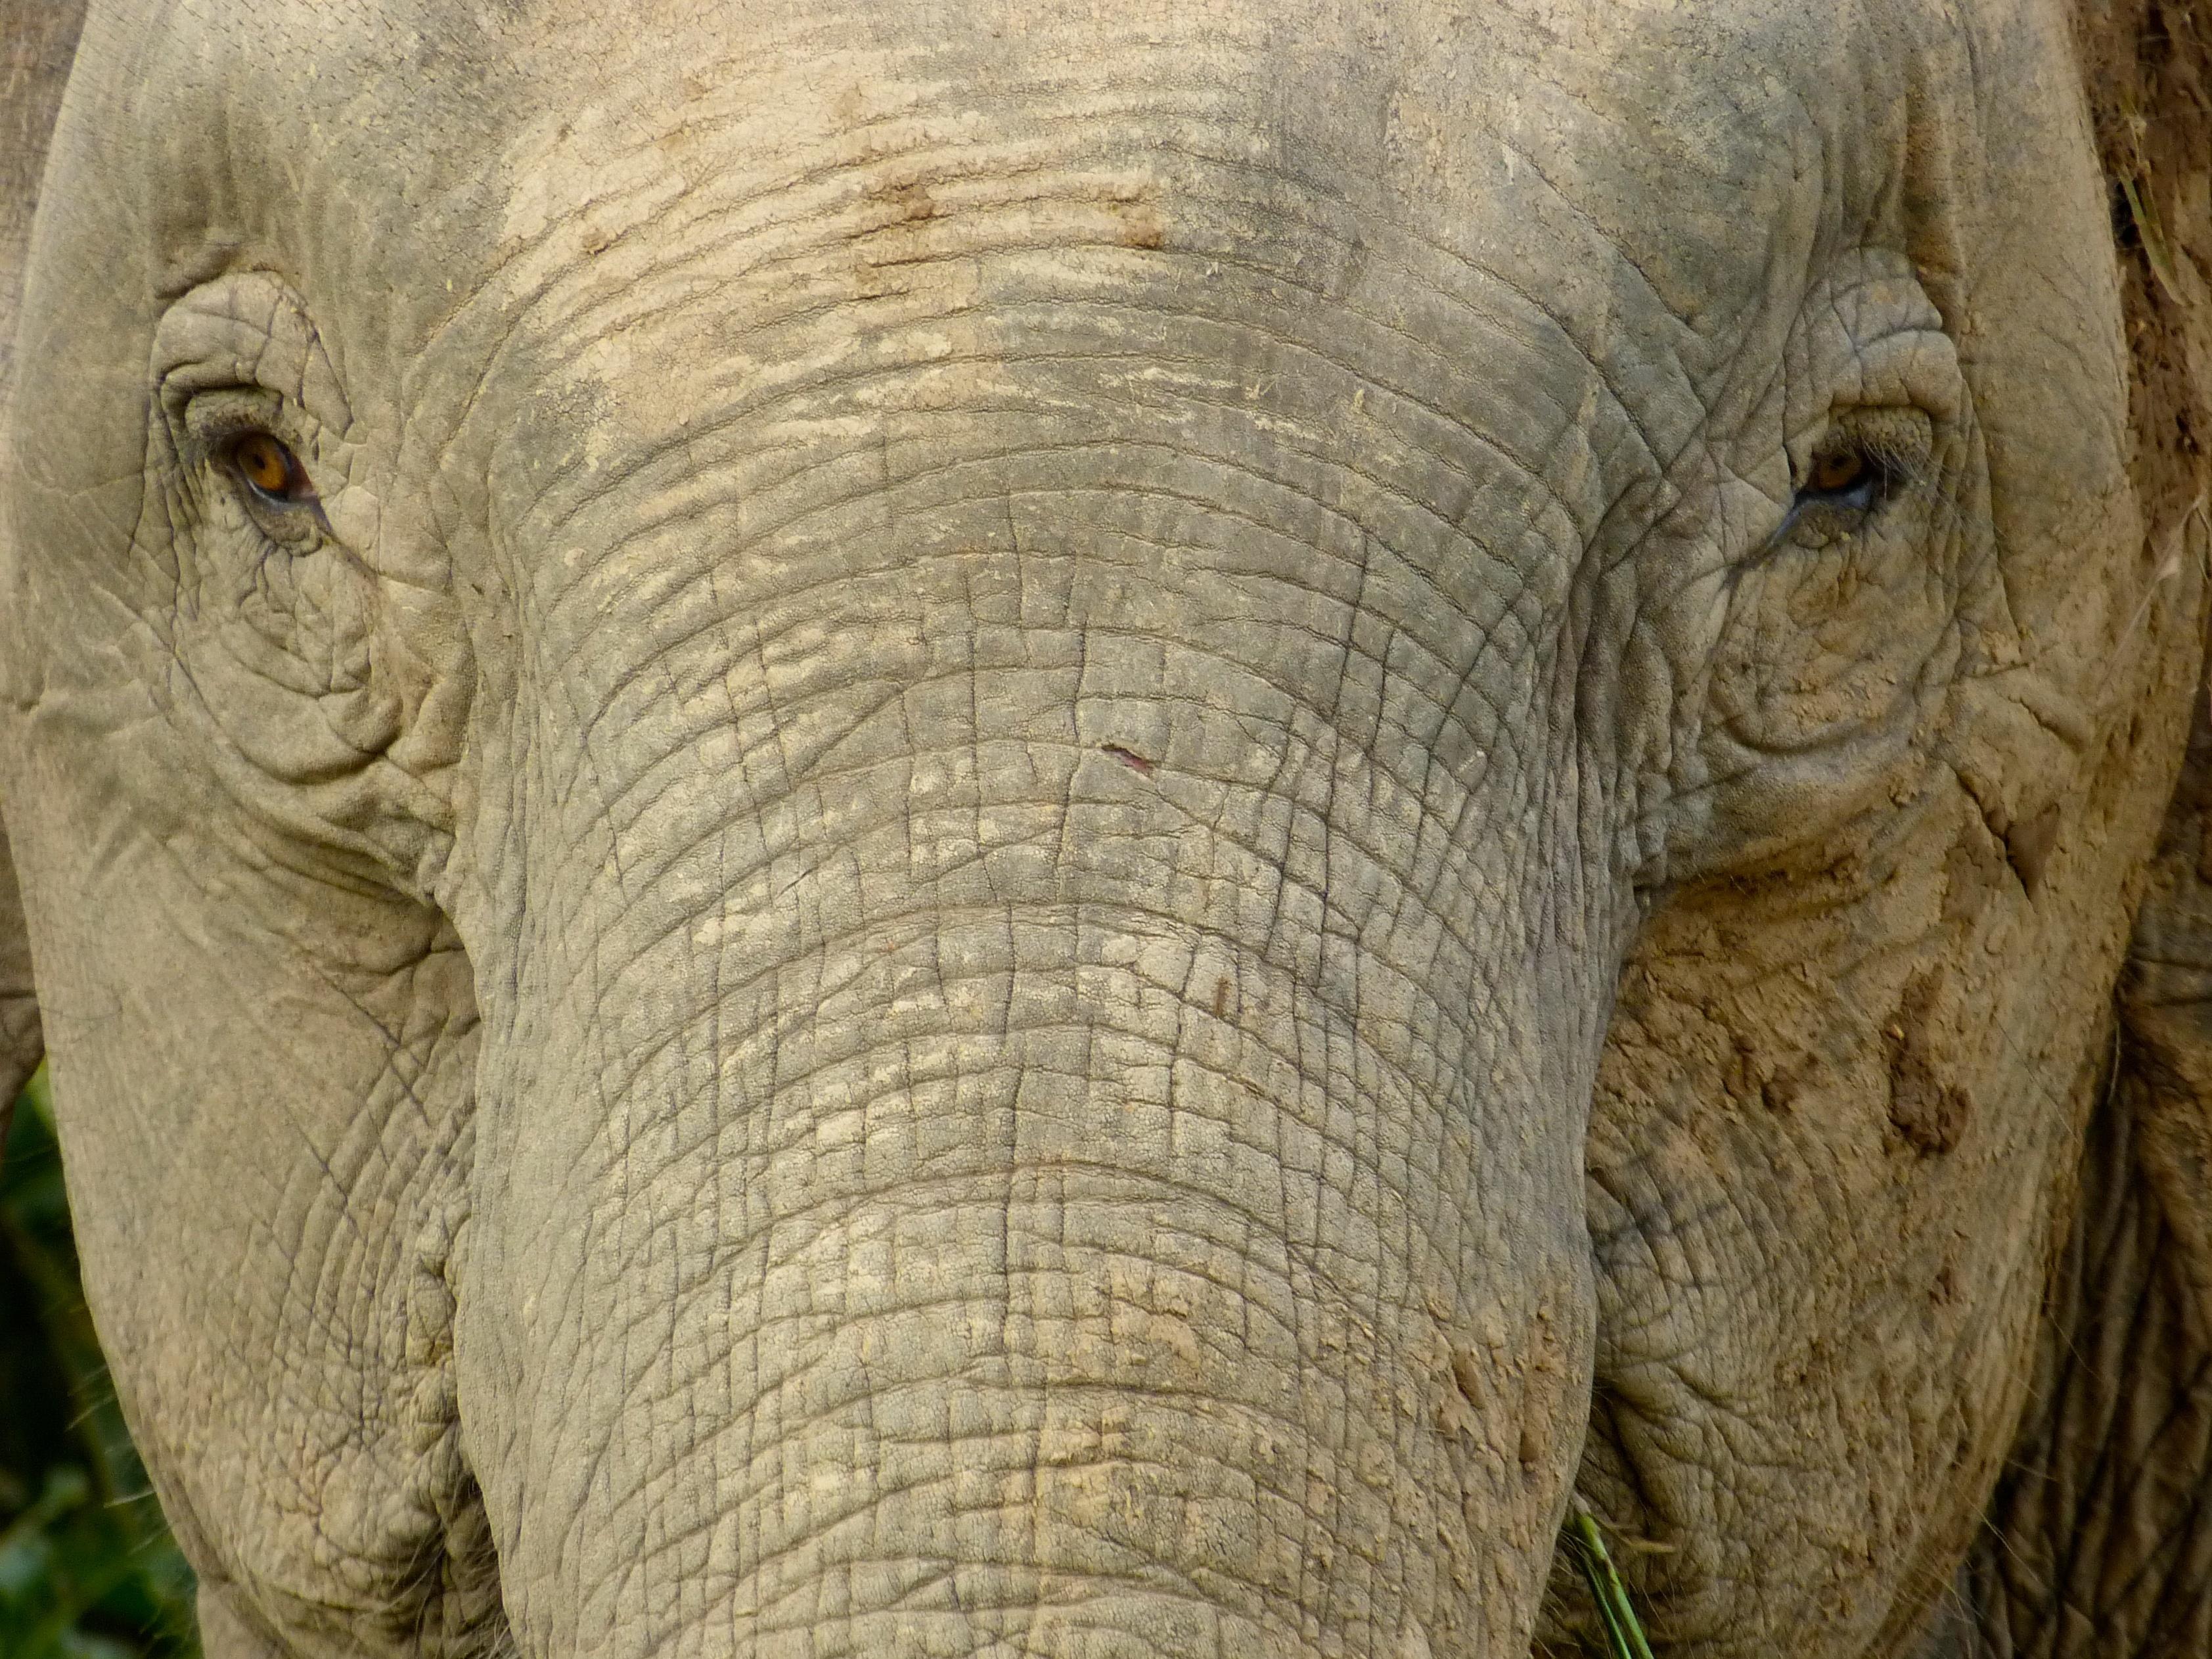 A close-up of the face of an elephant near Kinabatangan River, Sukau, Sabah, Malaysia. Photo taken on September 22, 2012.